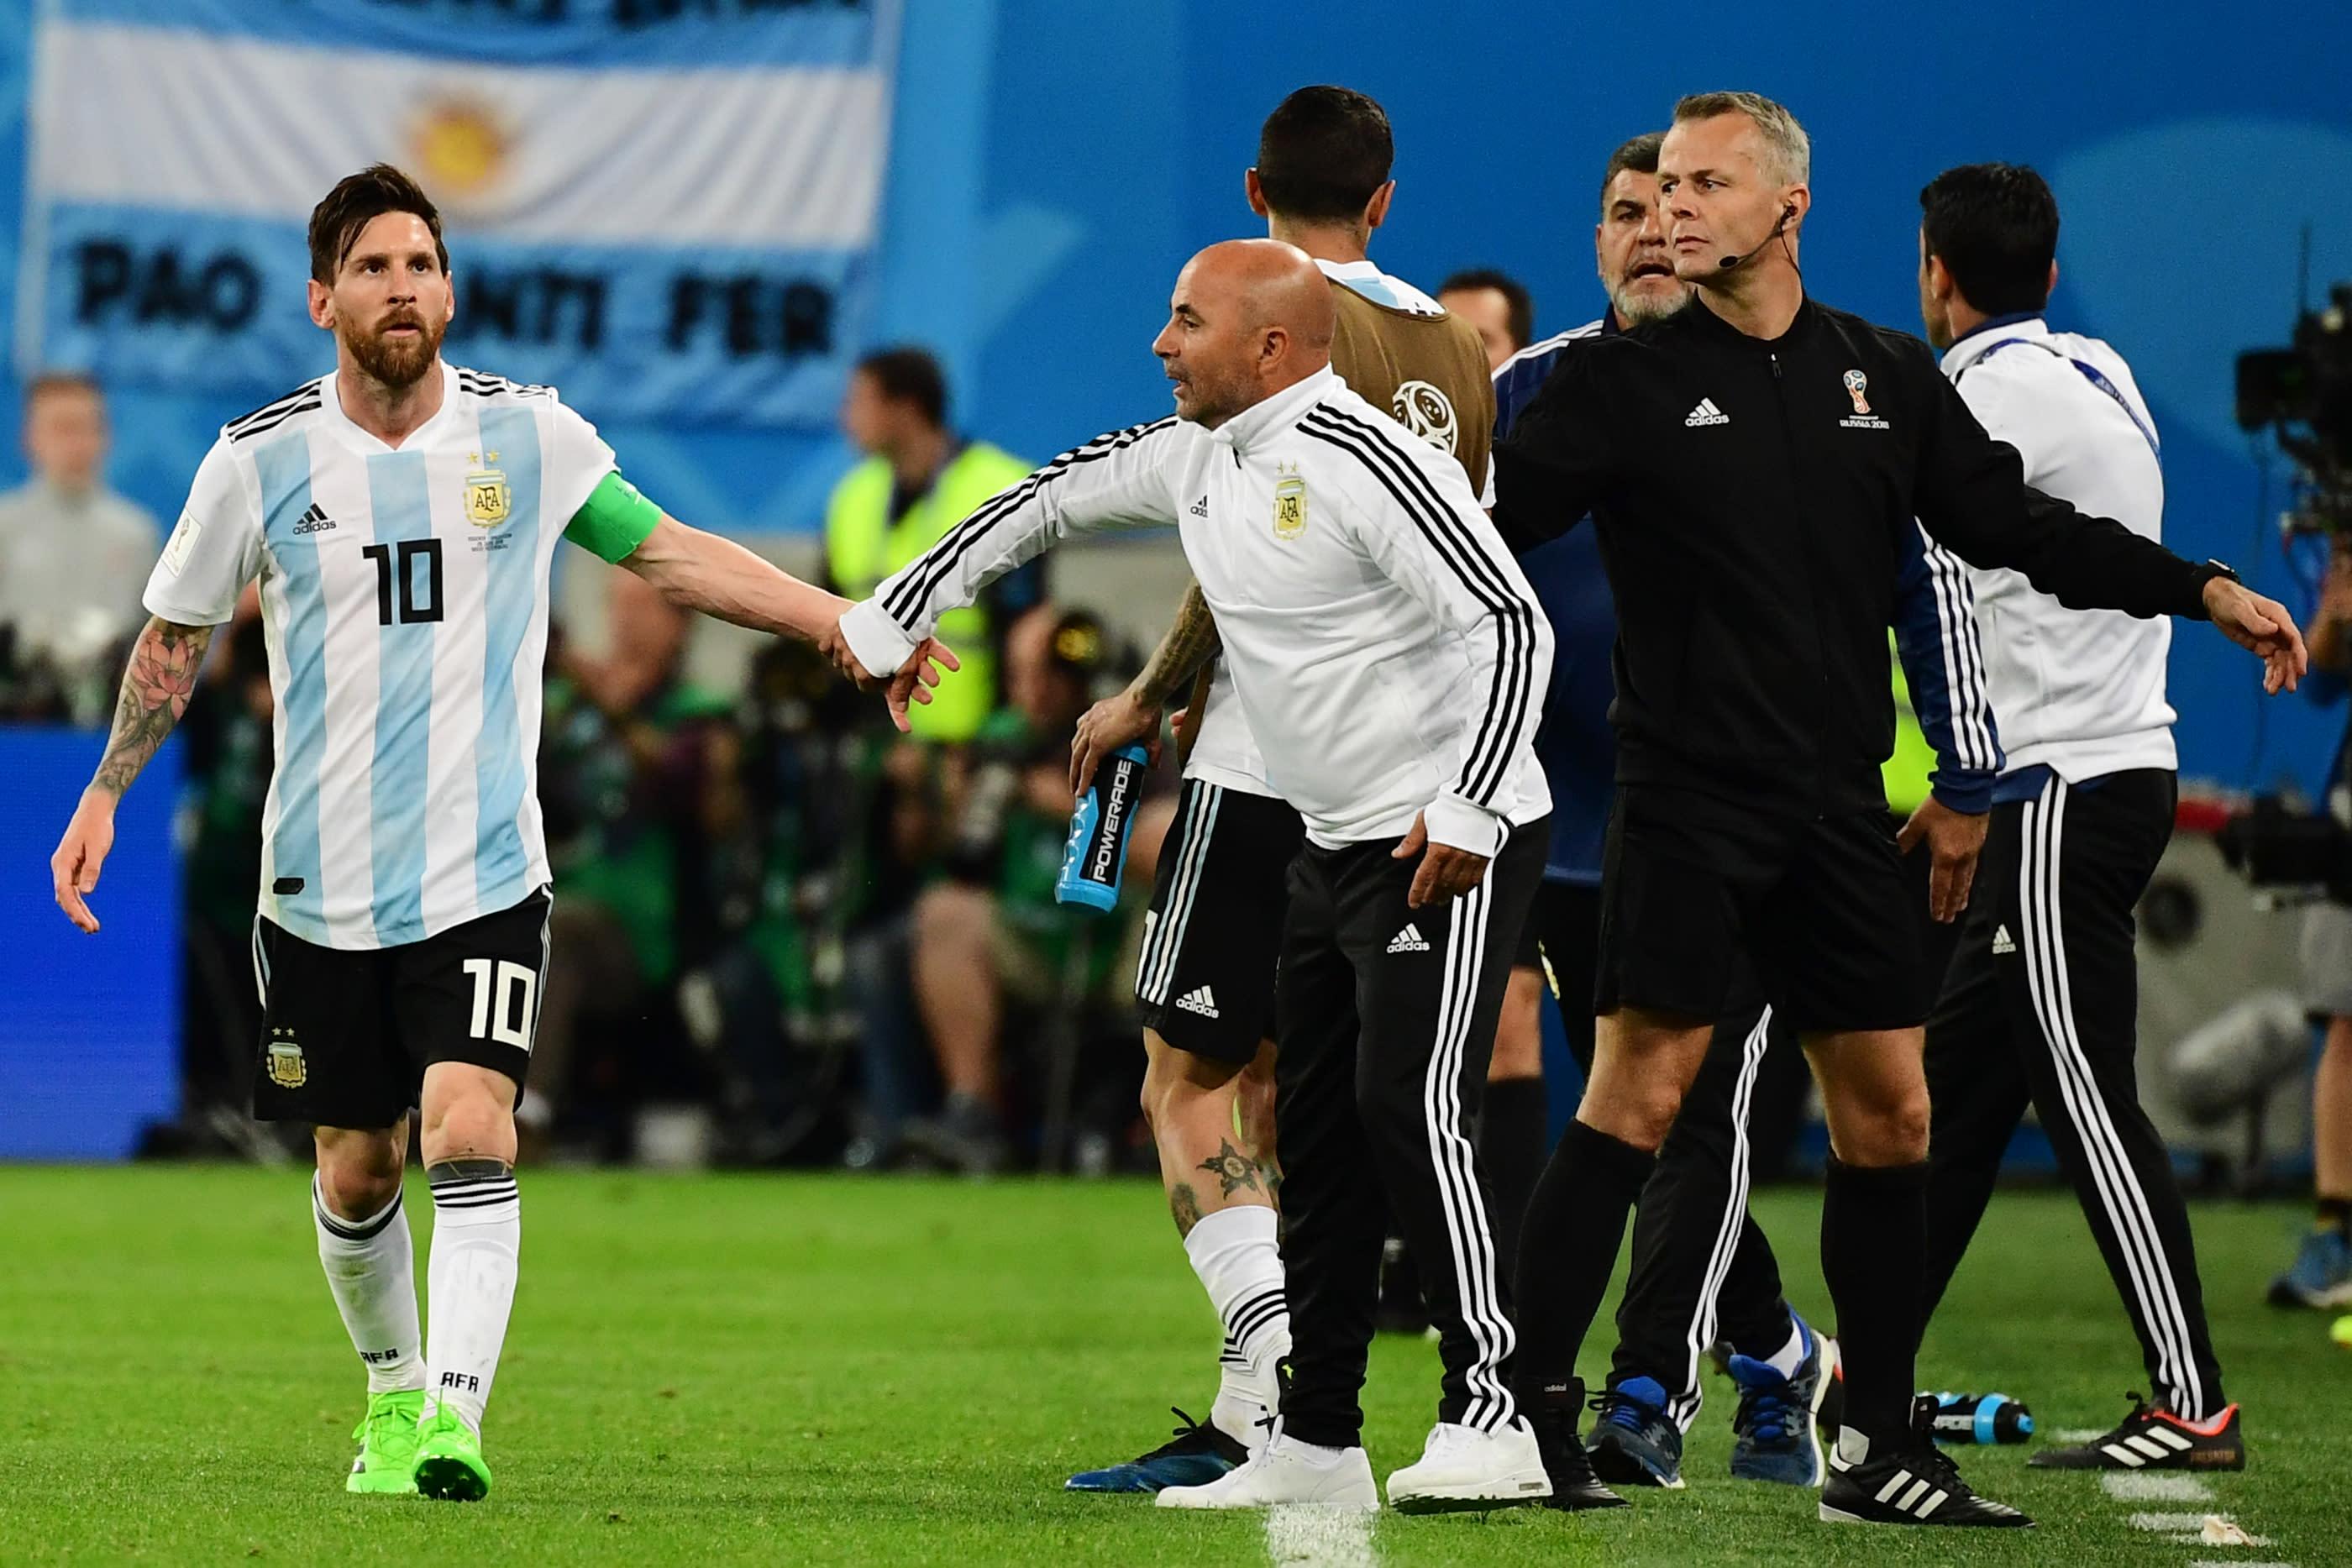 Wie Viel Tore Hat Messi